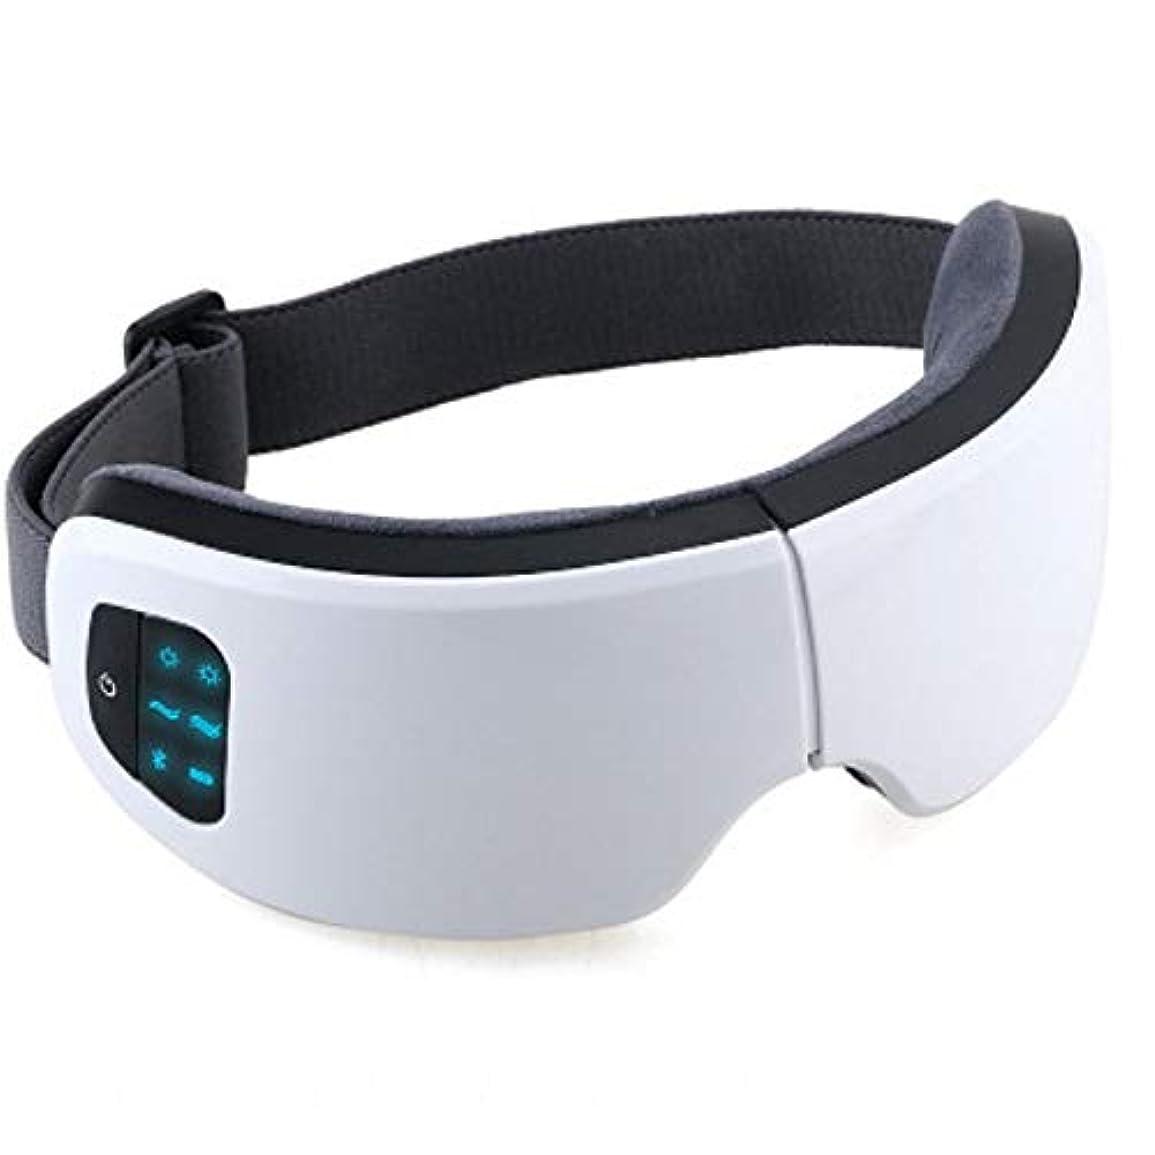 遺体安置所子供達半円Meet now 高度の目のマッサージャー、暖房モードの無線再充電可能な折る目のマッサージャー 品質保証